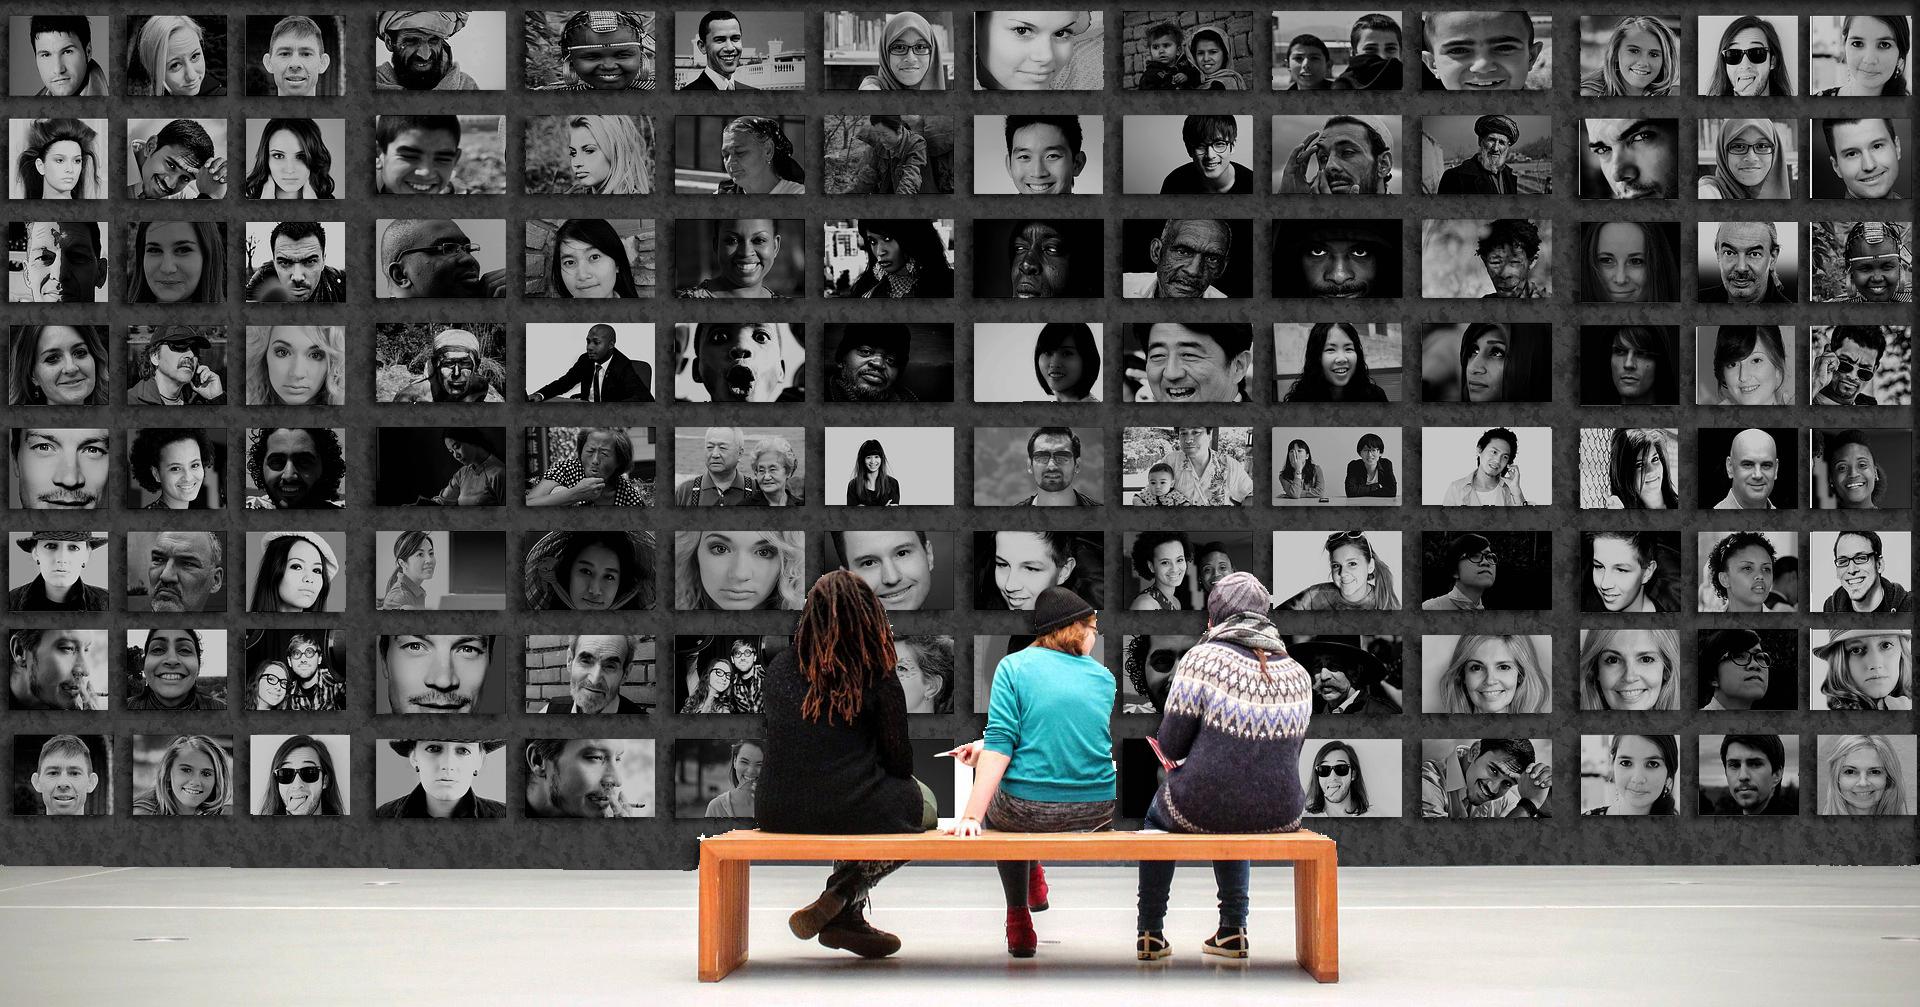 【新訊】關於美術館實踐公平性、多元性、包容性的策略建議